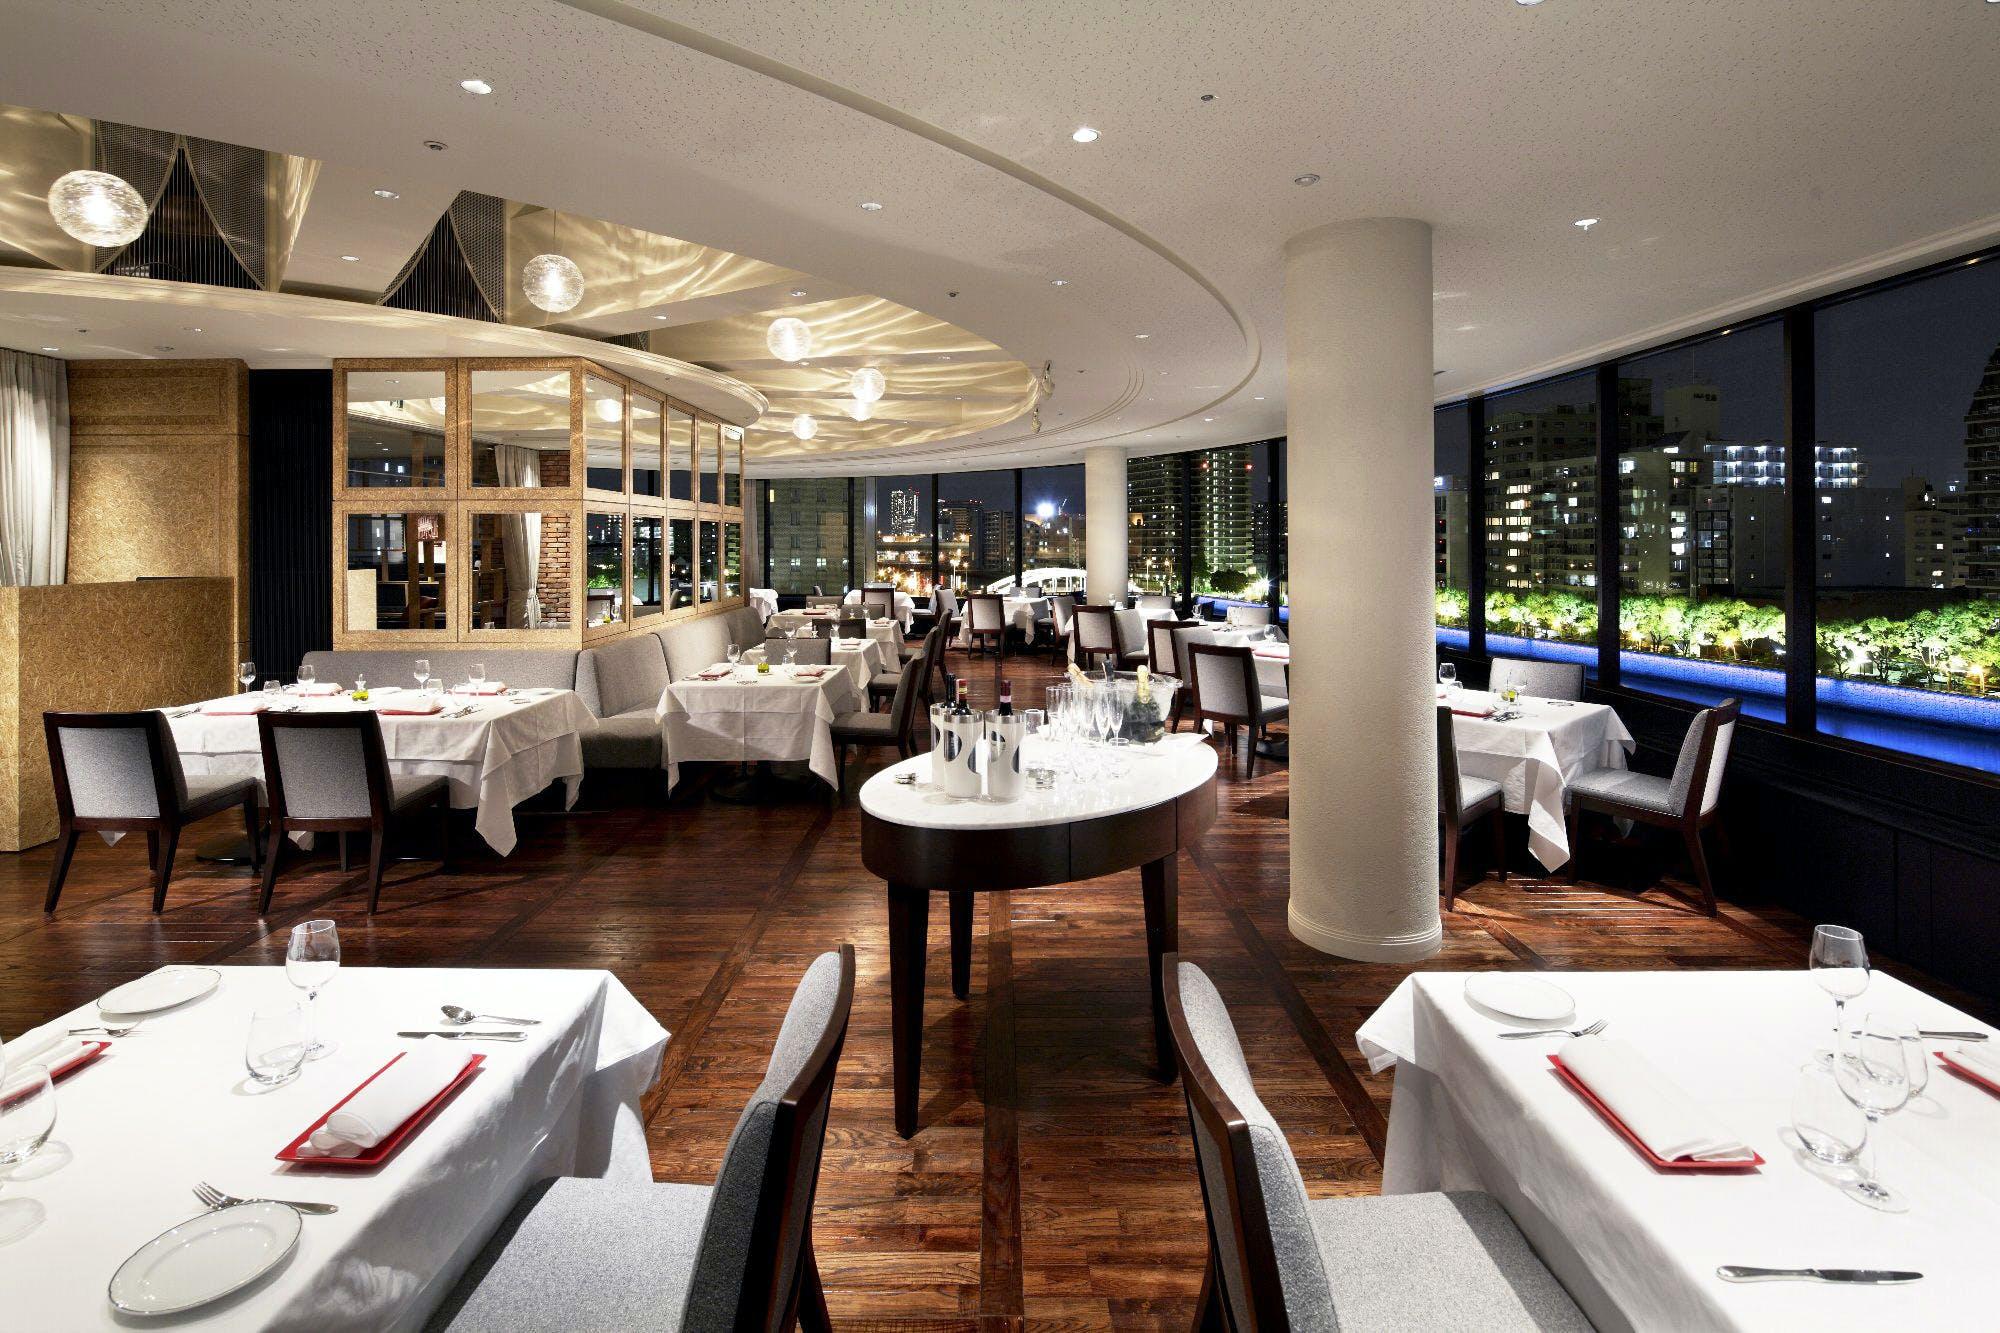 イタリアンレストラン ベラコスタ リーガロイヤルホテル内